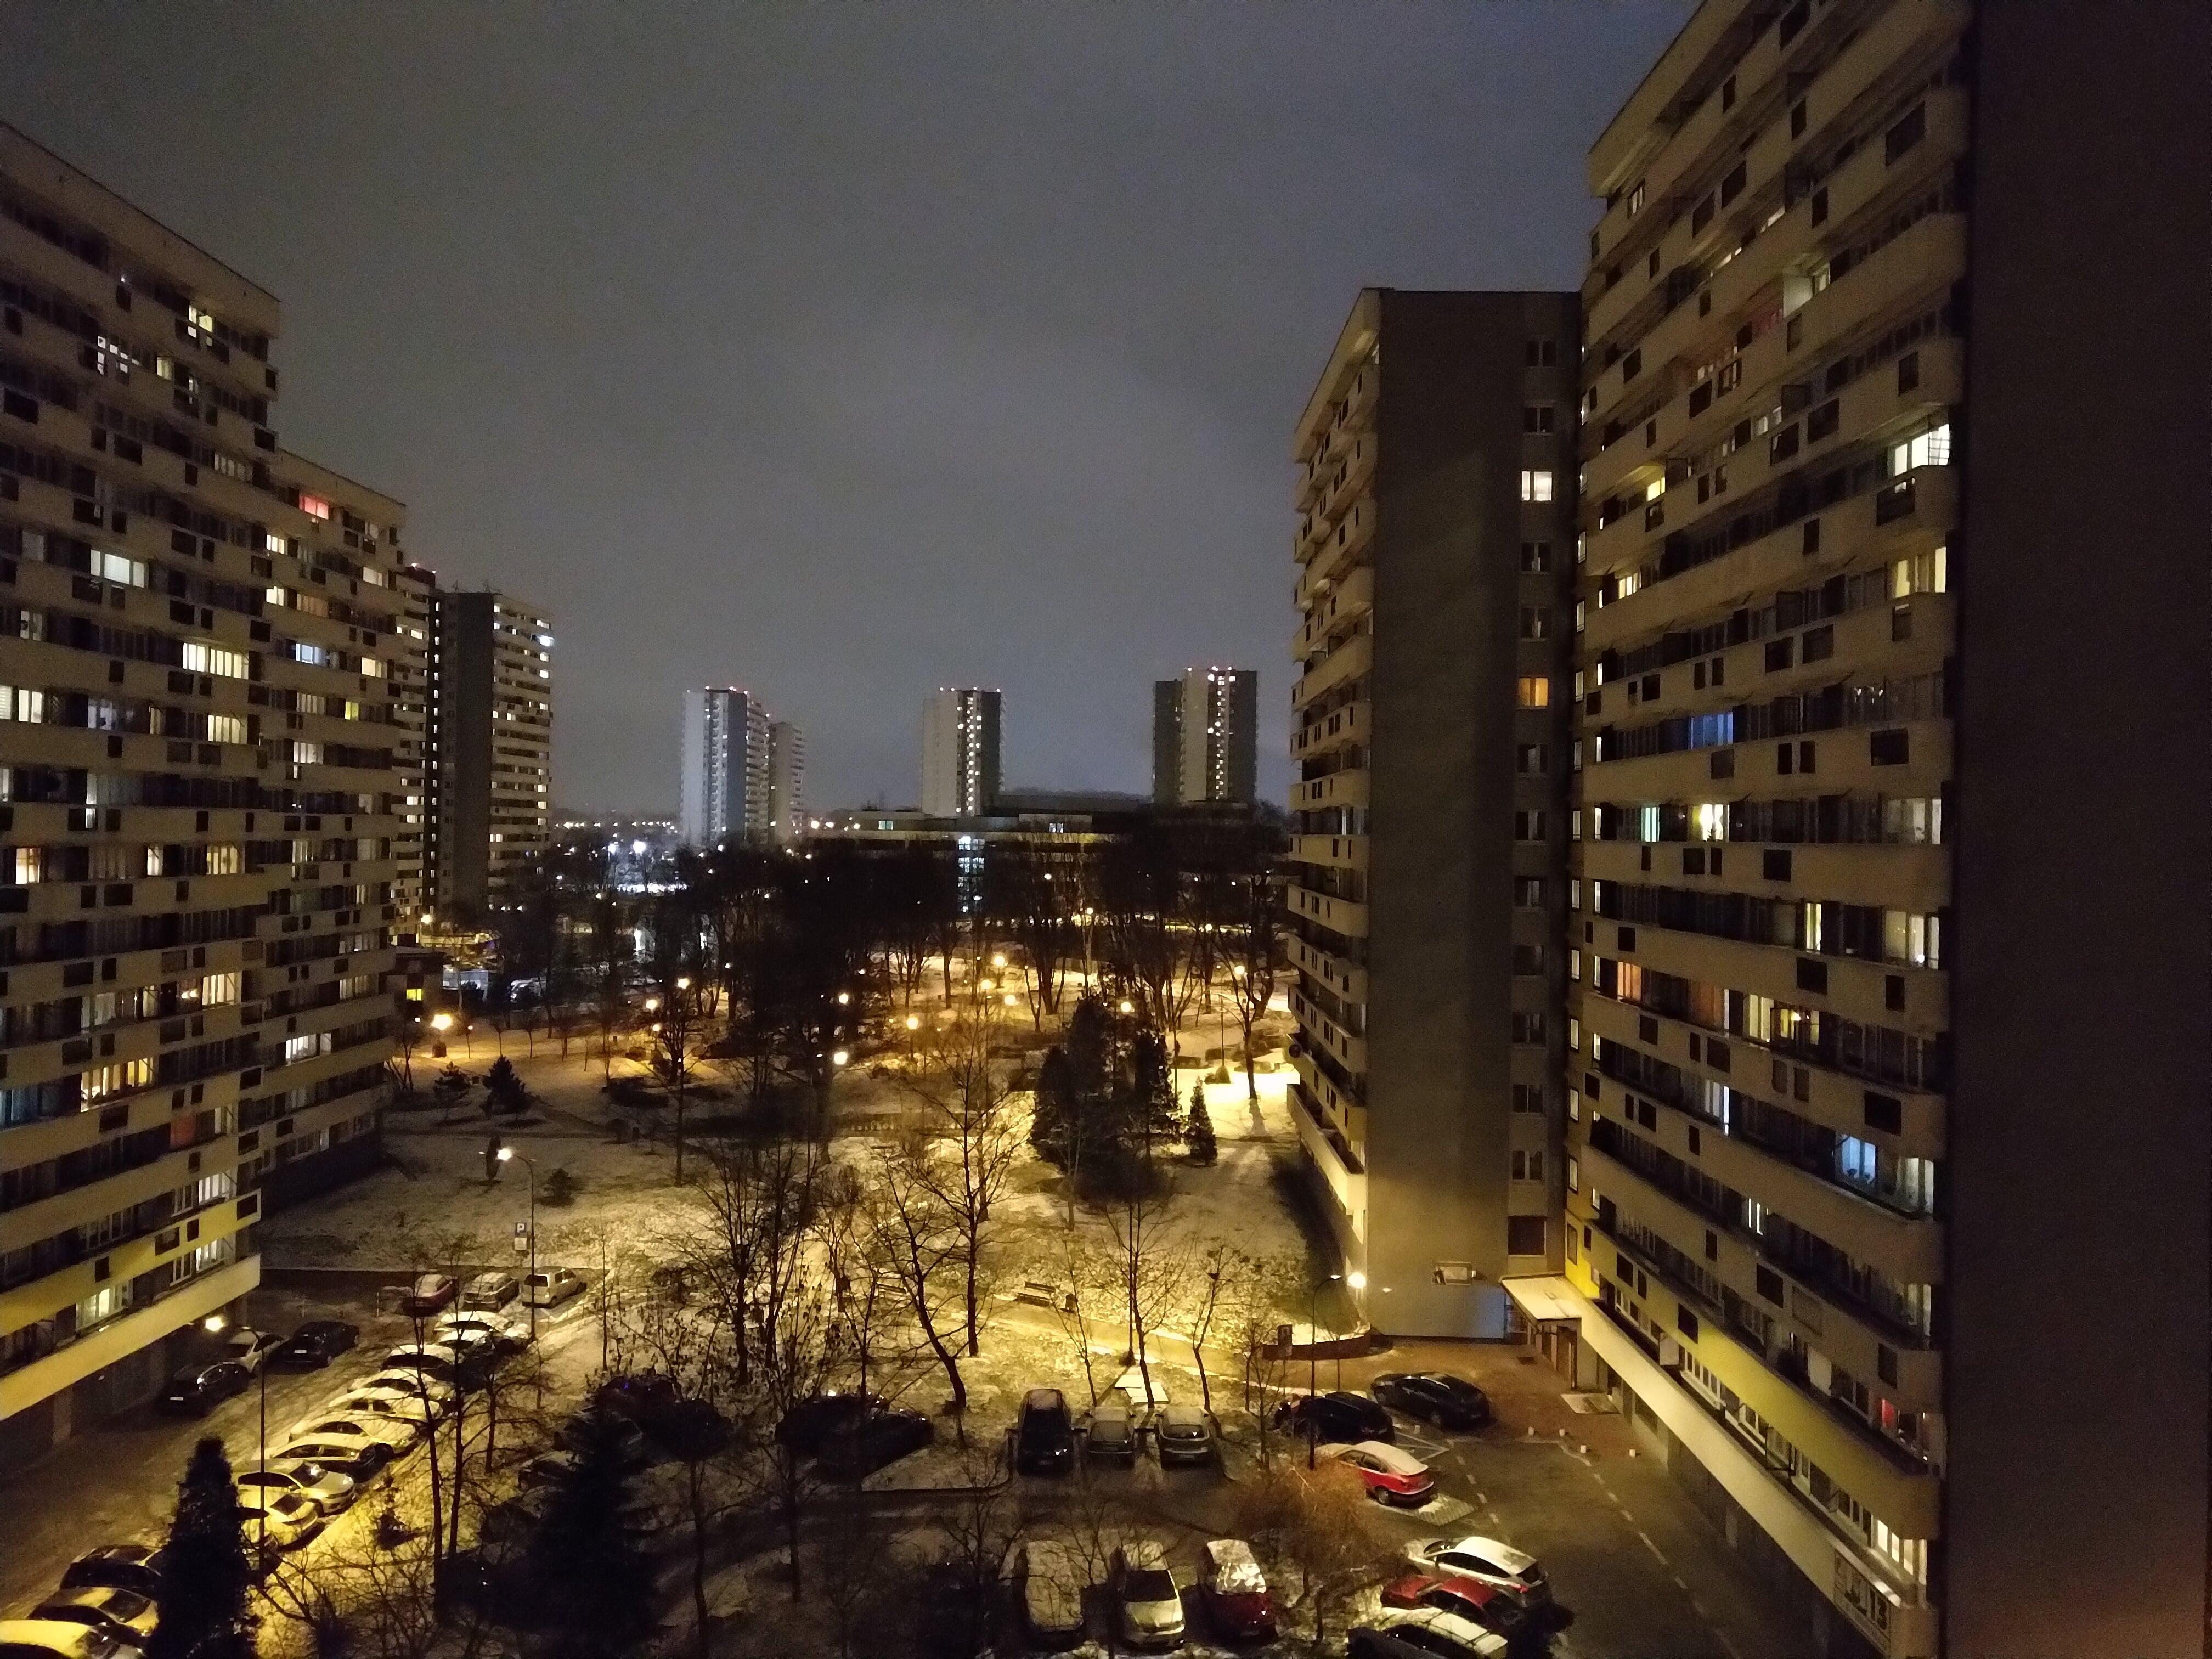 Zdjęcia nocne - Nokia 7 Plus